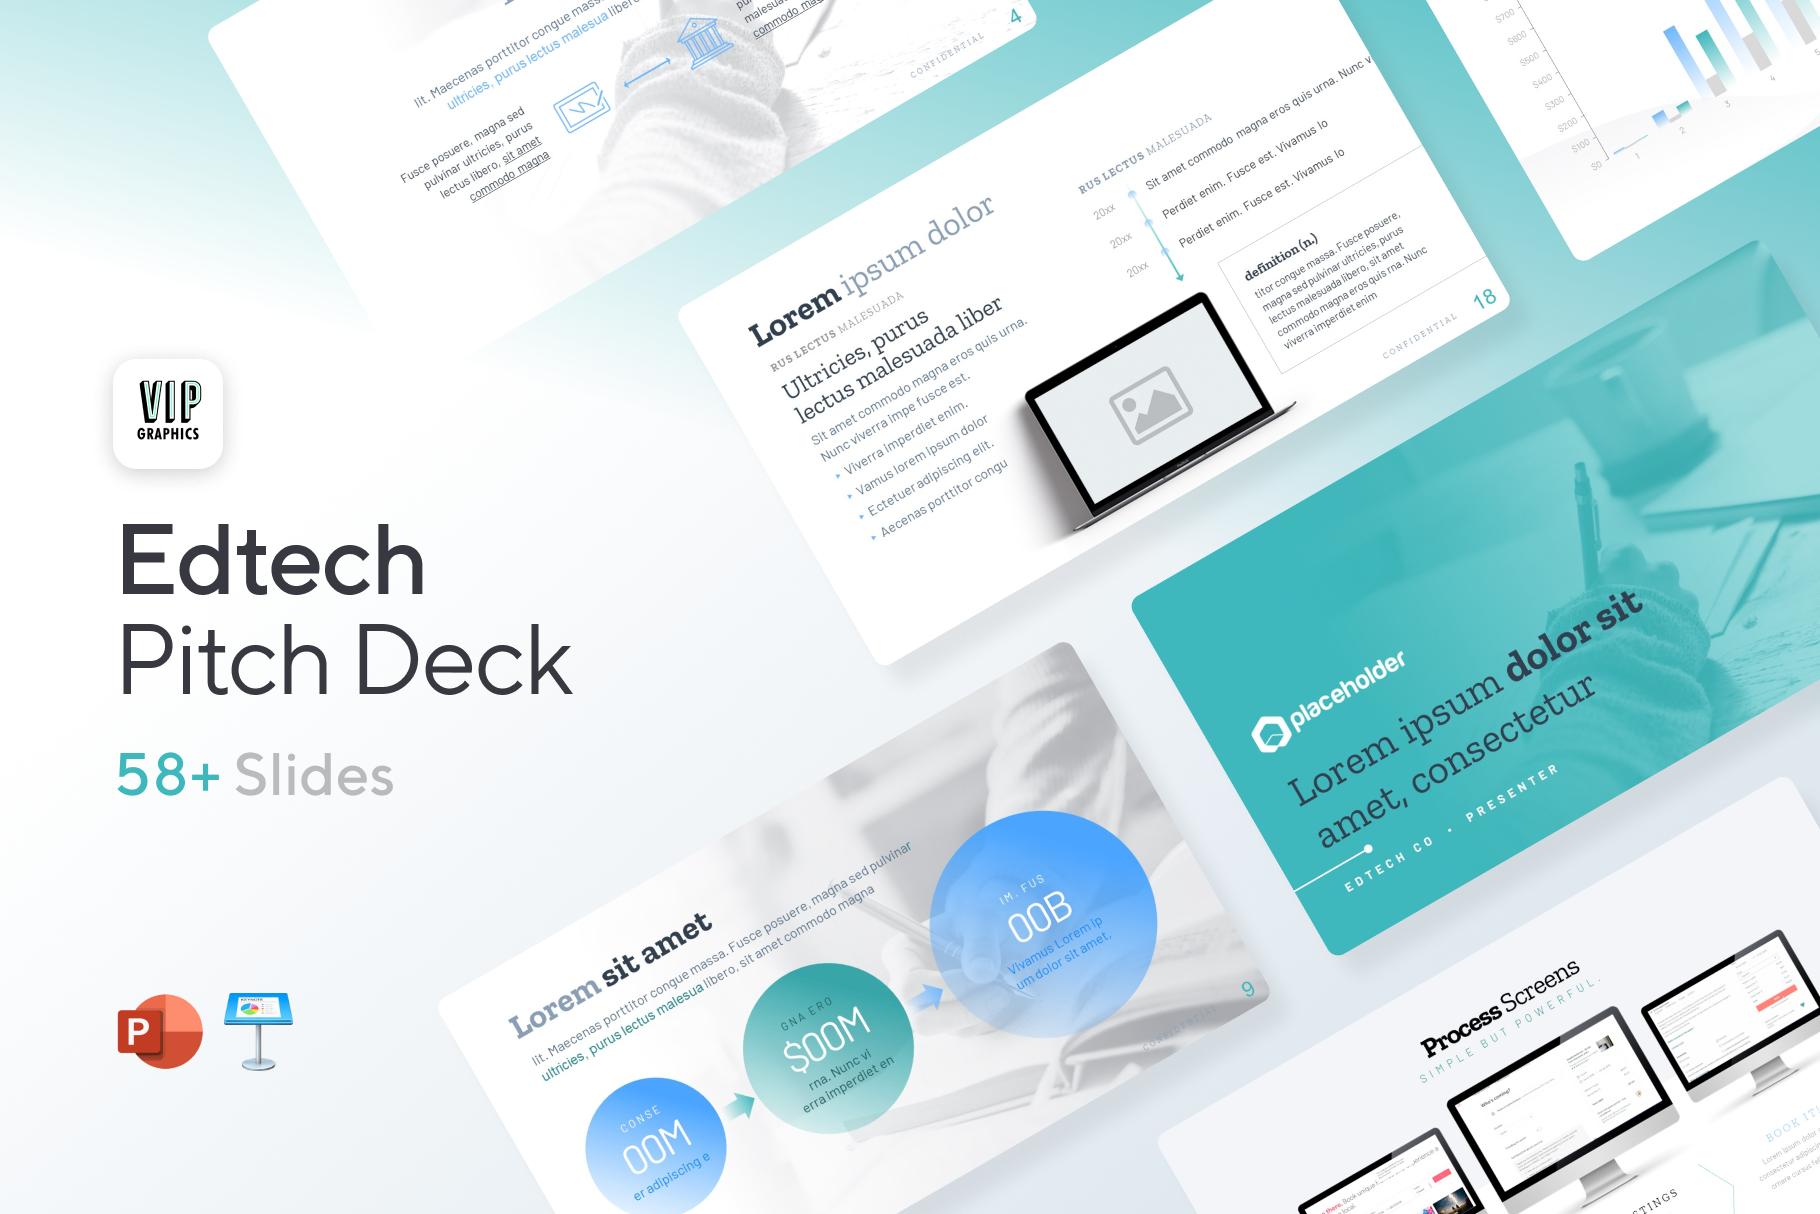 EdTech Pitch Deck